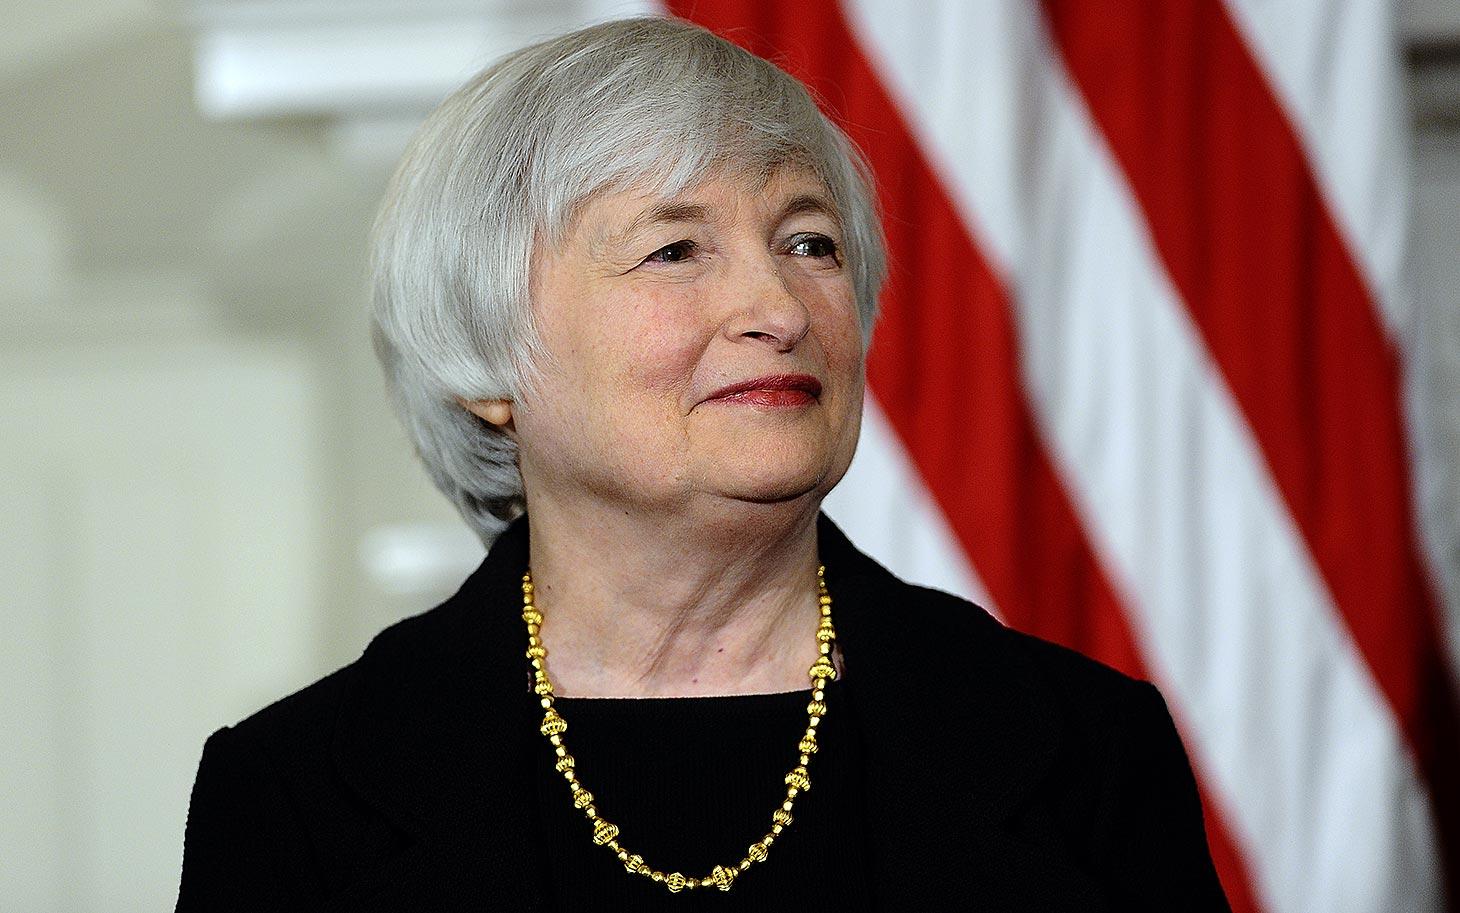 يلين: المزيد من الفرص والتحركات الاقتصادية أمراً جيداً للاقتصاد الأمريكي